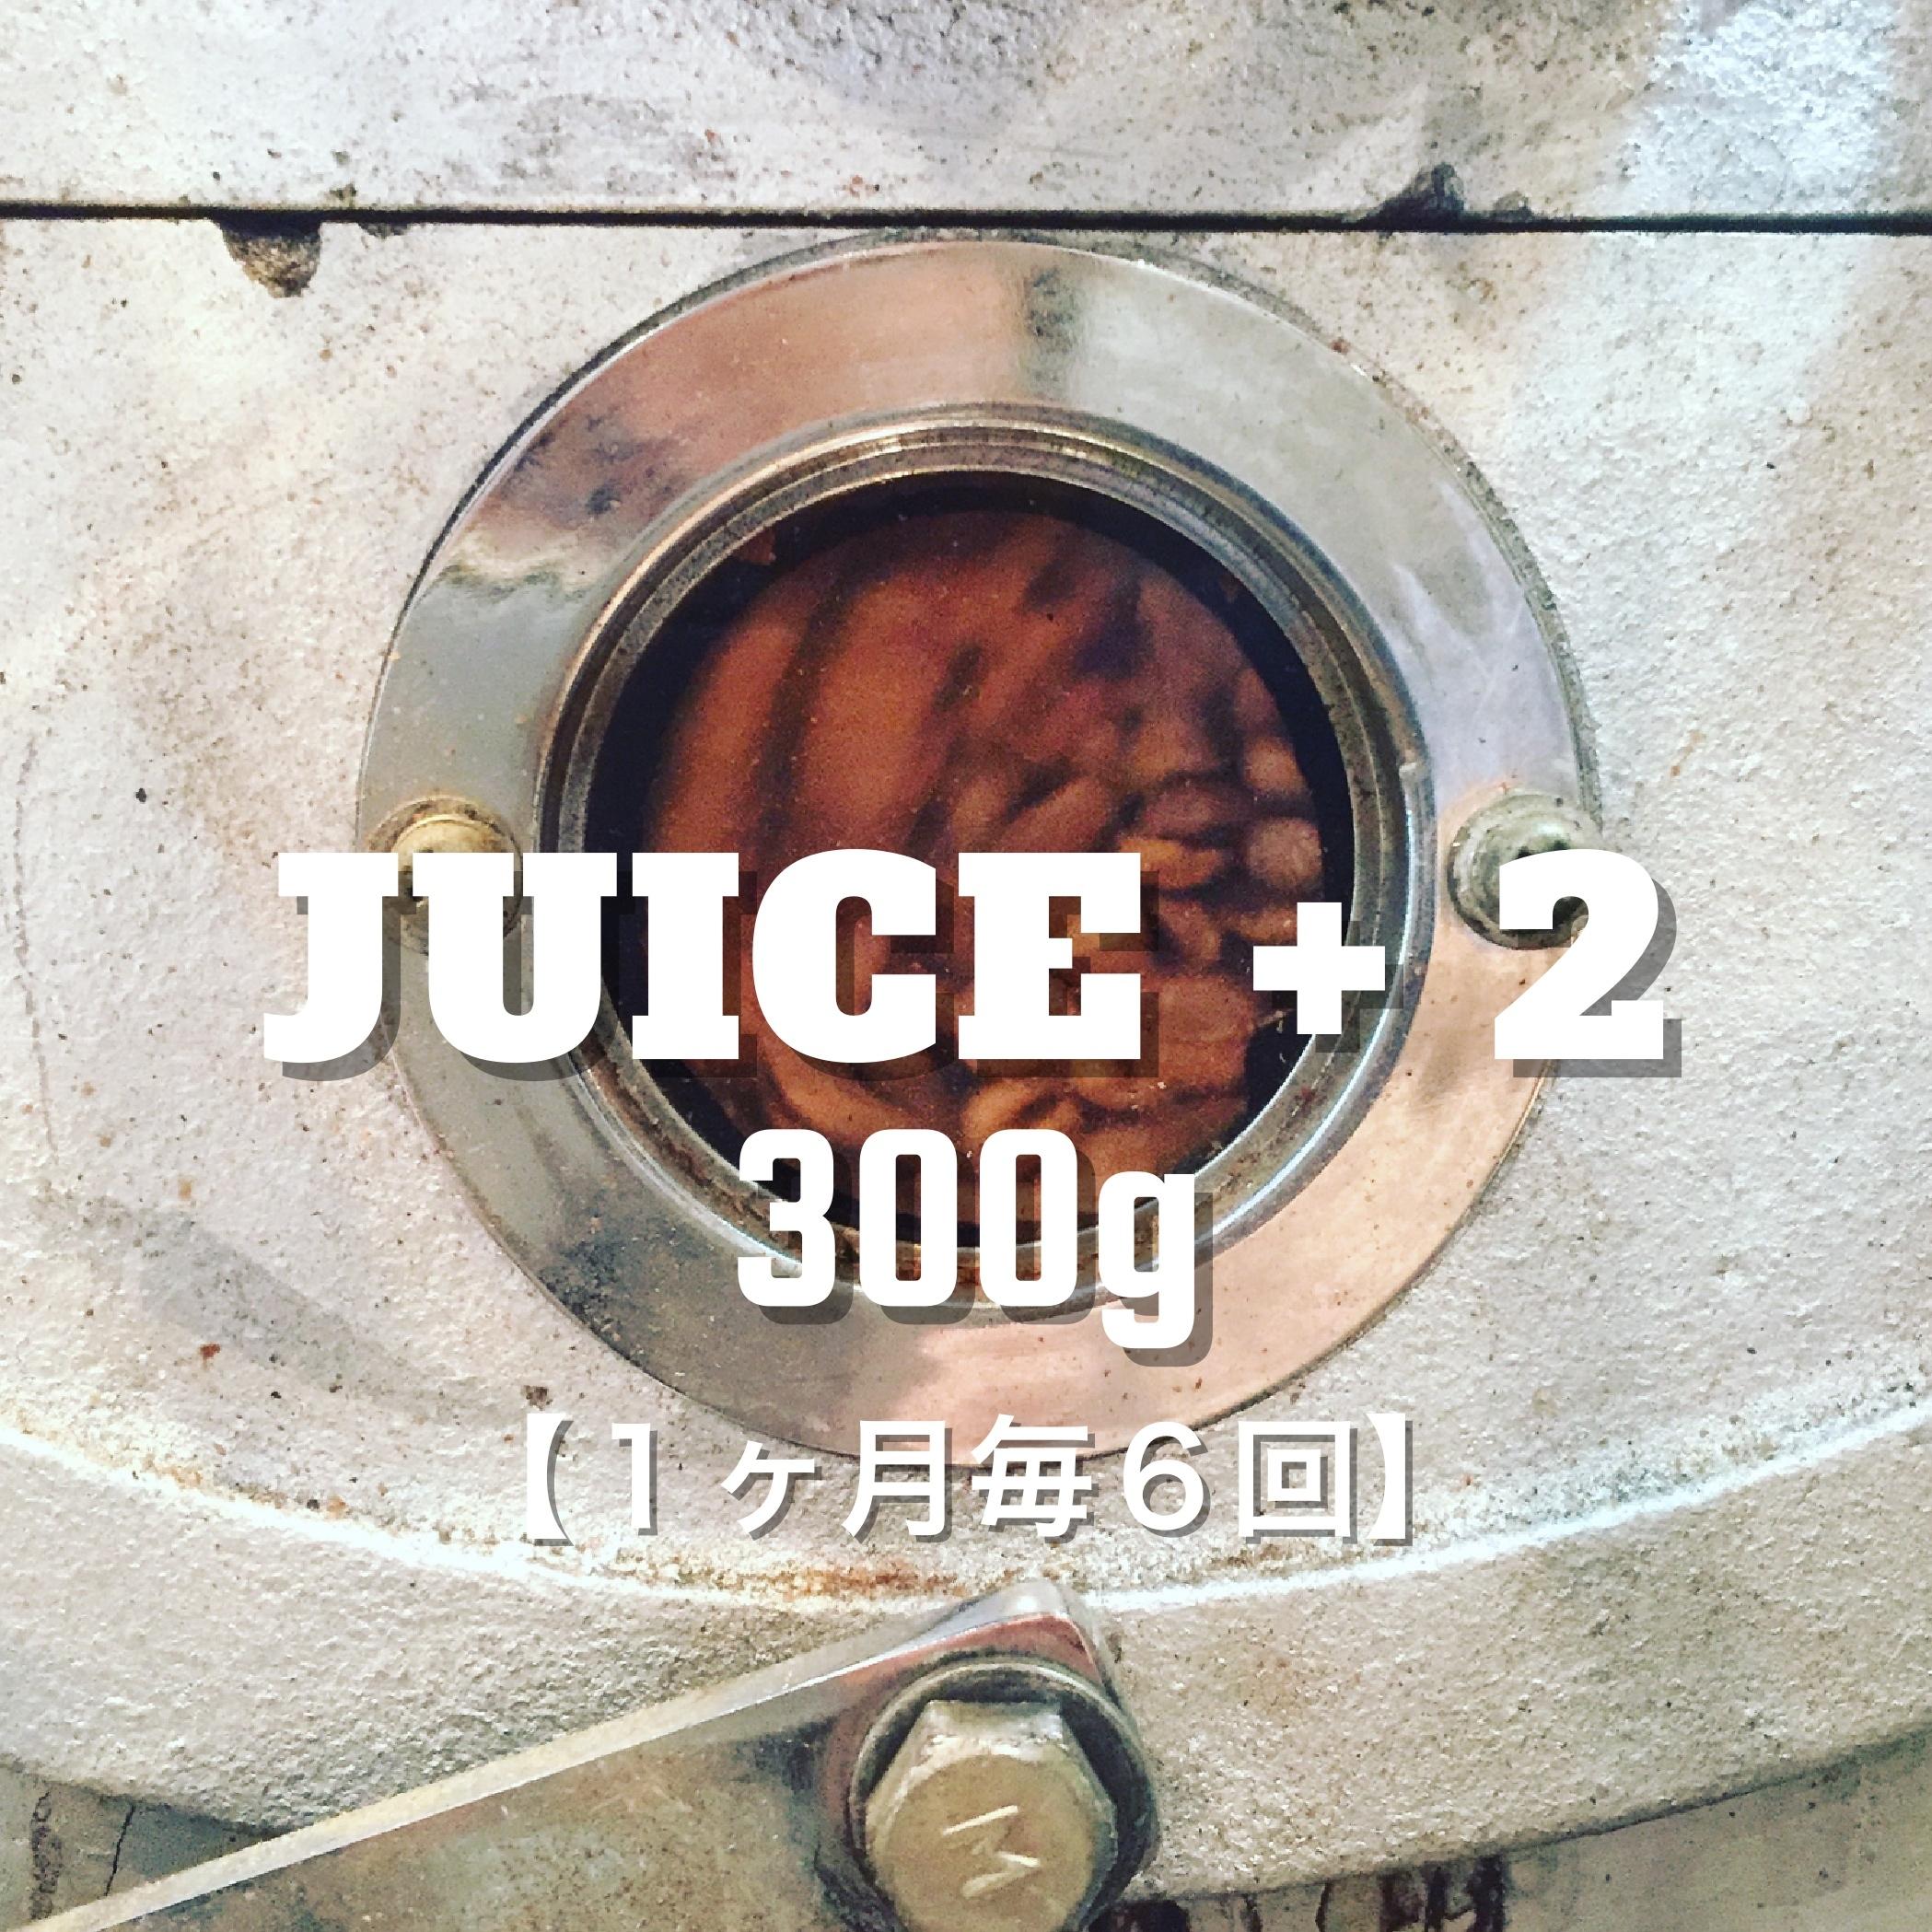 【コーヒー定期便 / 毎月6回】JUICEブレンド300g+オススメのシングルオリジン2種